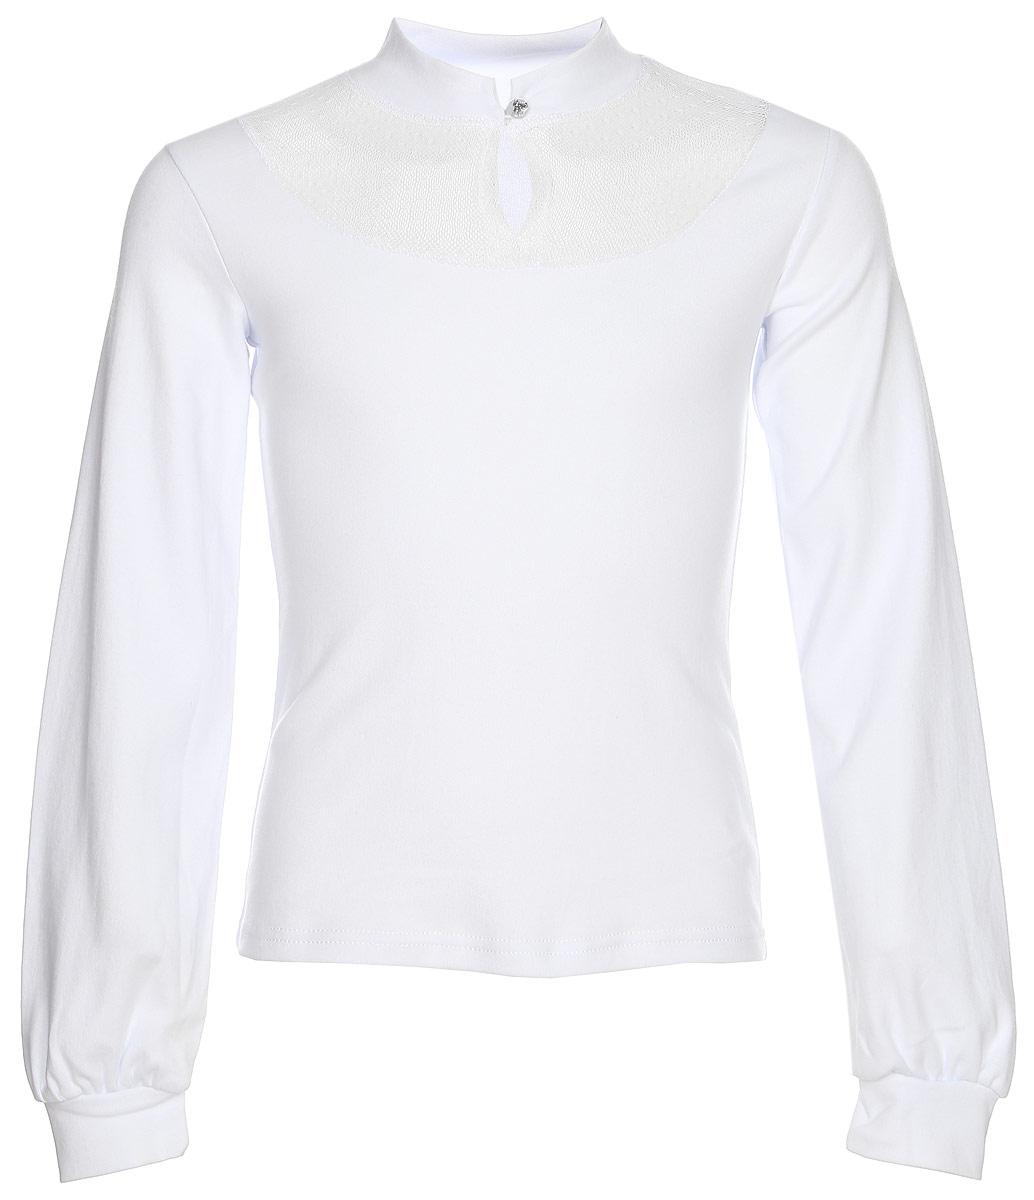 Блузка для девочки Nota Bene, цвет: белый. CJR27046A01. Размер 122CJR27046A01/CJR27046B01Блузка для девочки Nota Bene выполнена из хлопкового трикотажа с кружевной отделкой. Модель с длинными рукавами застегивается на пуговицу.